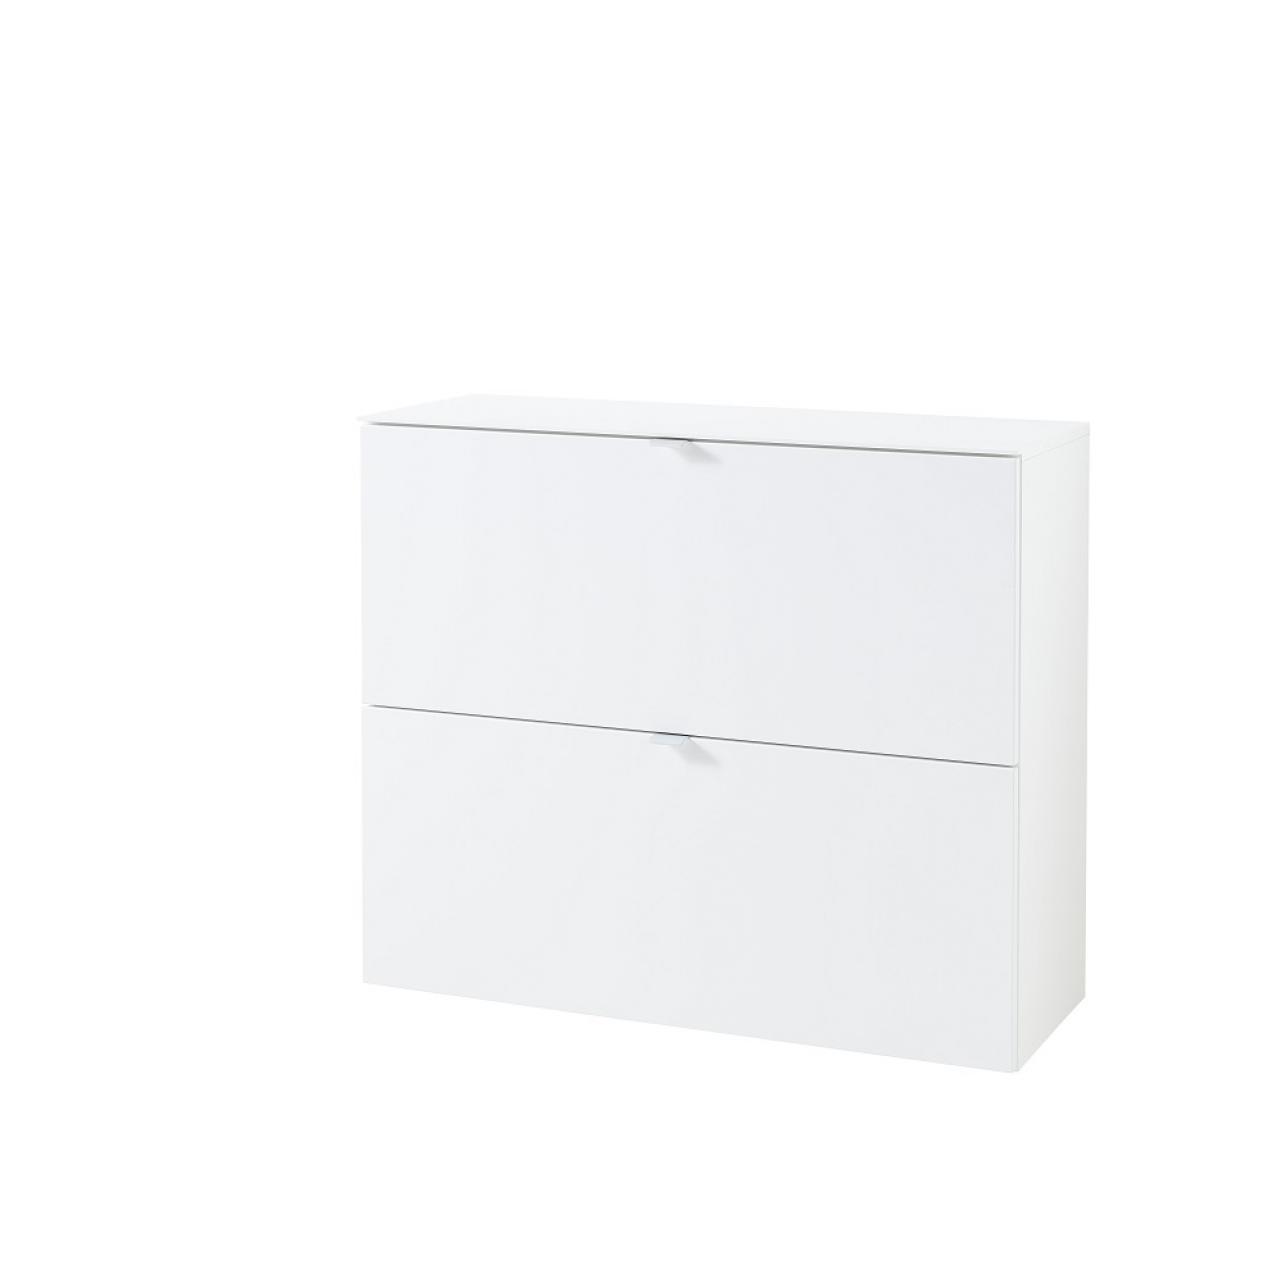 Hänge-Schuhschrank Ticona Weiß 2 Klappen 4 Einlegeböden MDF Metall Silber